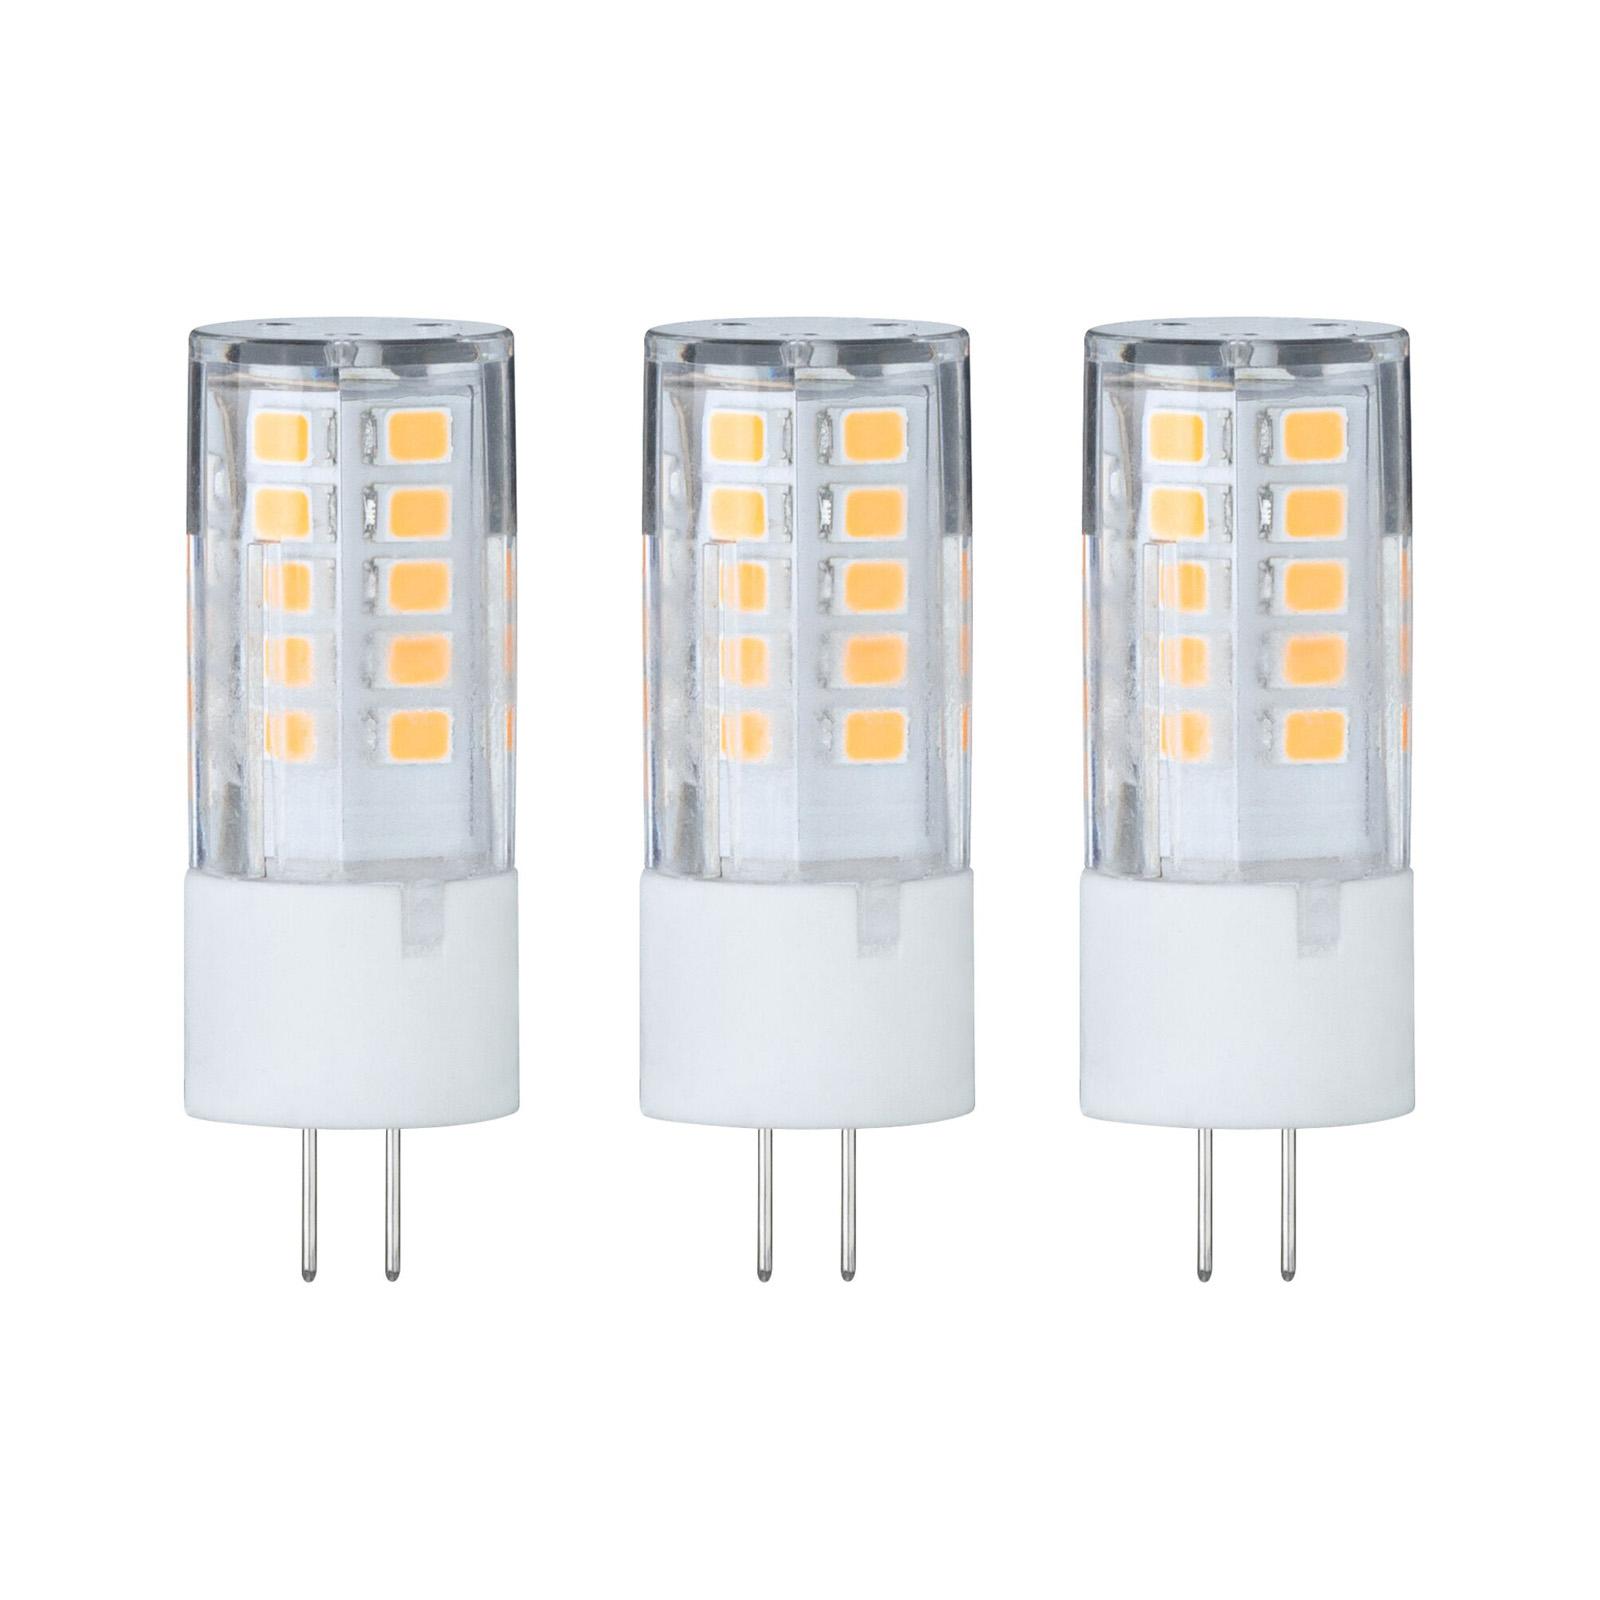 Paulmann LED-Stiftsockellampe G4 3W 2.700K 3er